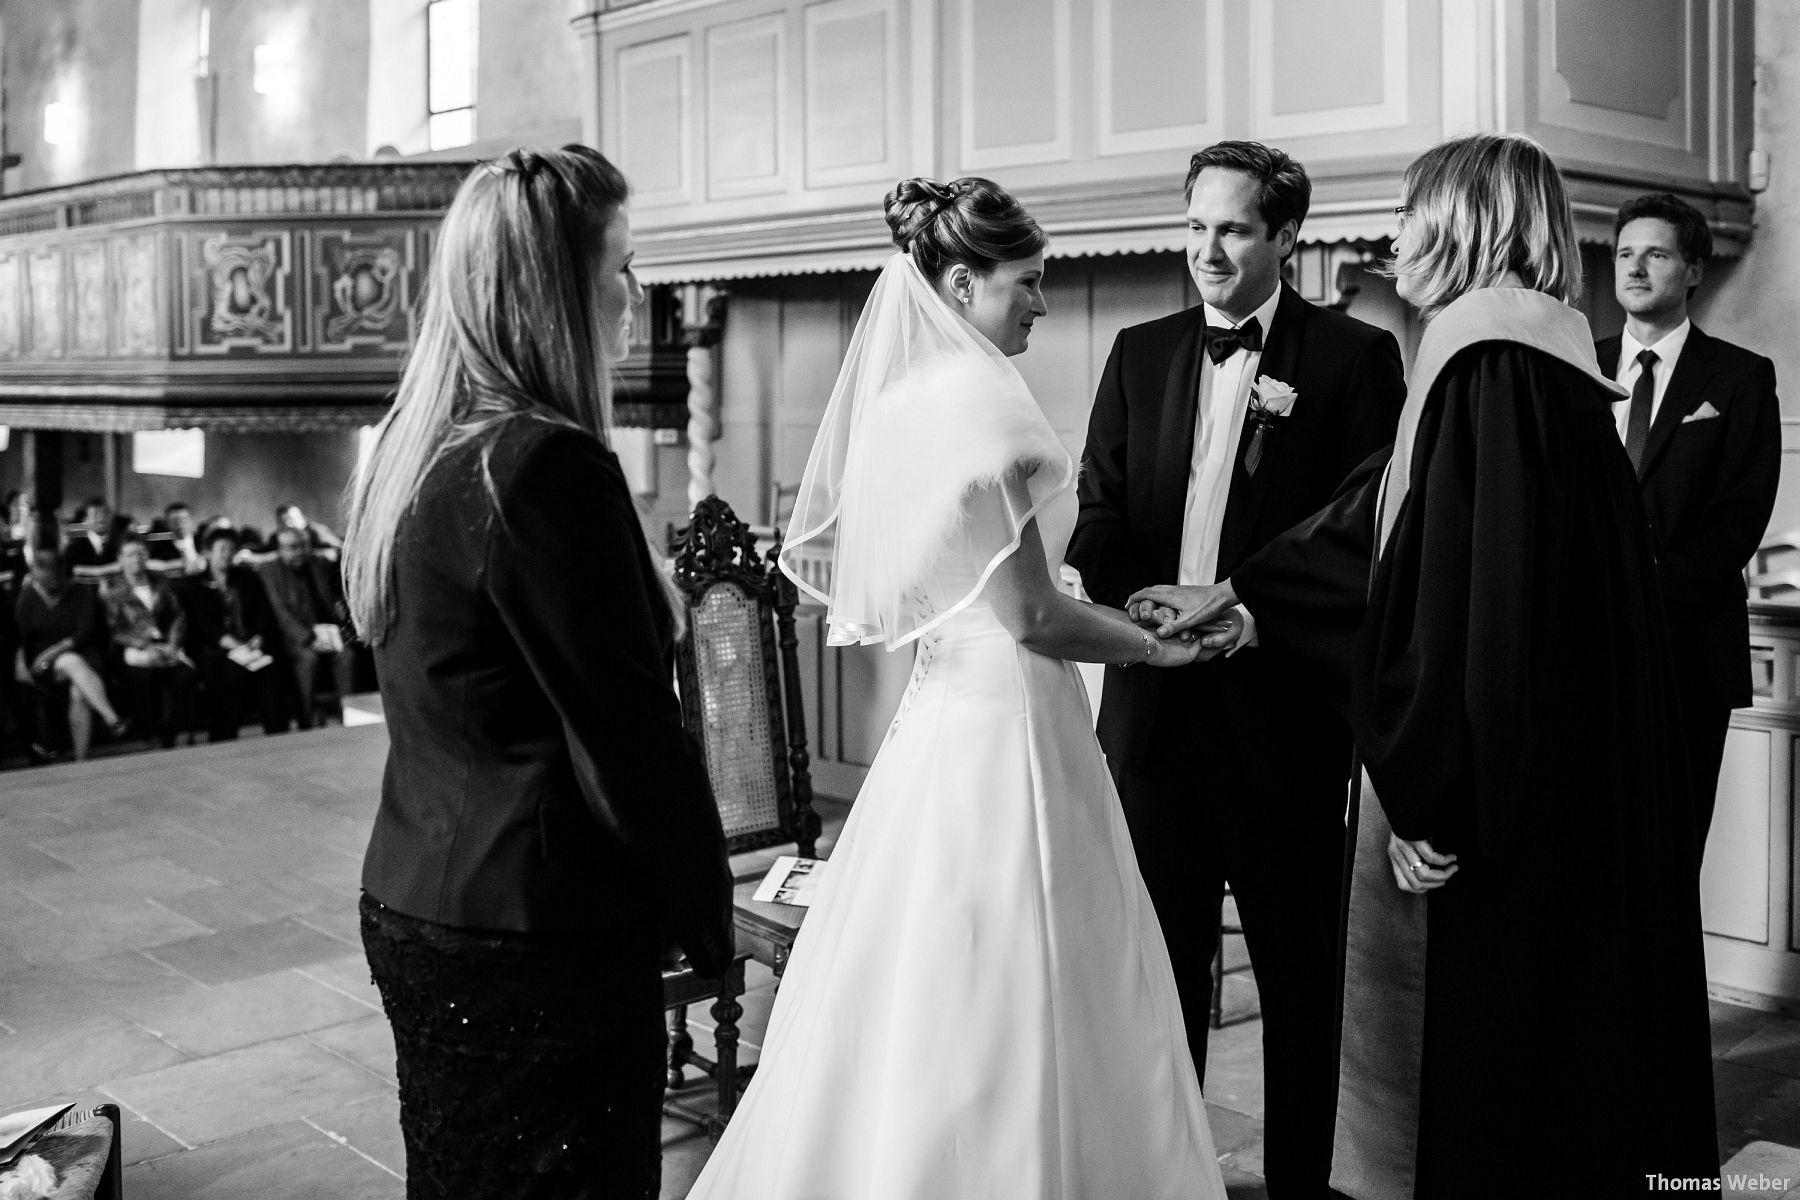 Hochzeitsfotograf Rastede: Kirchliche Trauung in der St. Ulrichs Kirche Rastede und Hochzeitsfeier in der Eventscheune St Georg Rastede mit dem Catering von Michael Niebuhr aus Oldenburg (28)